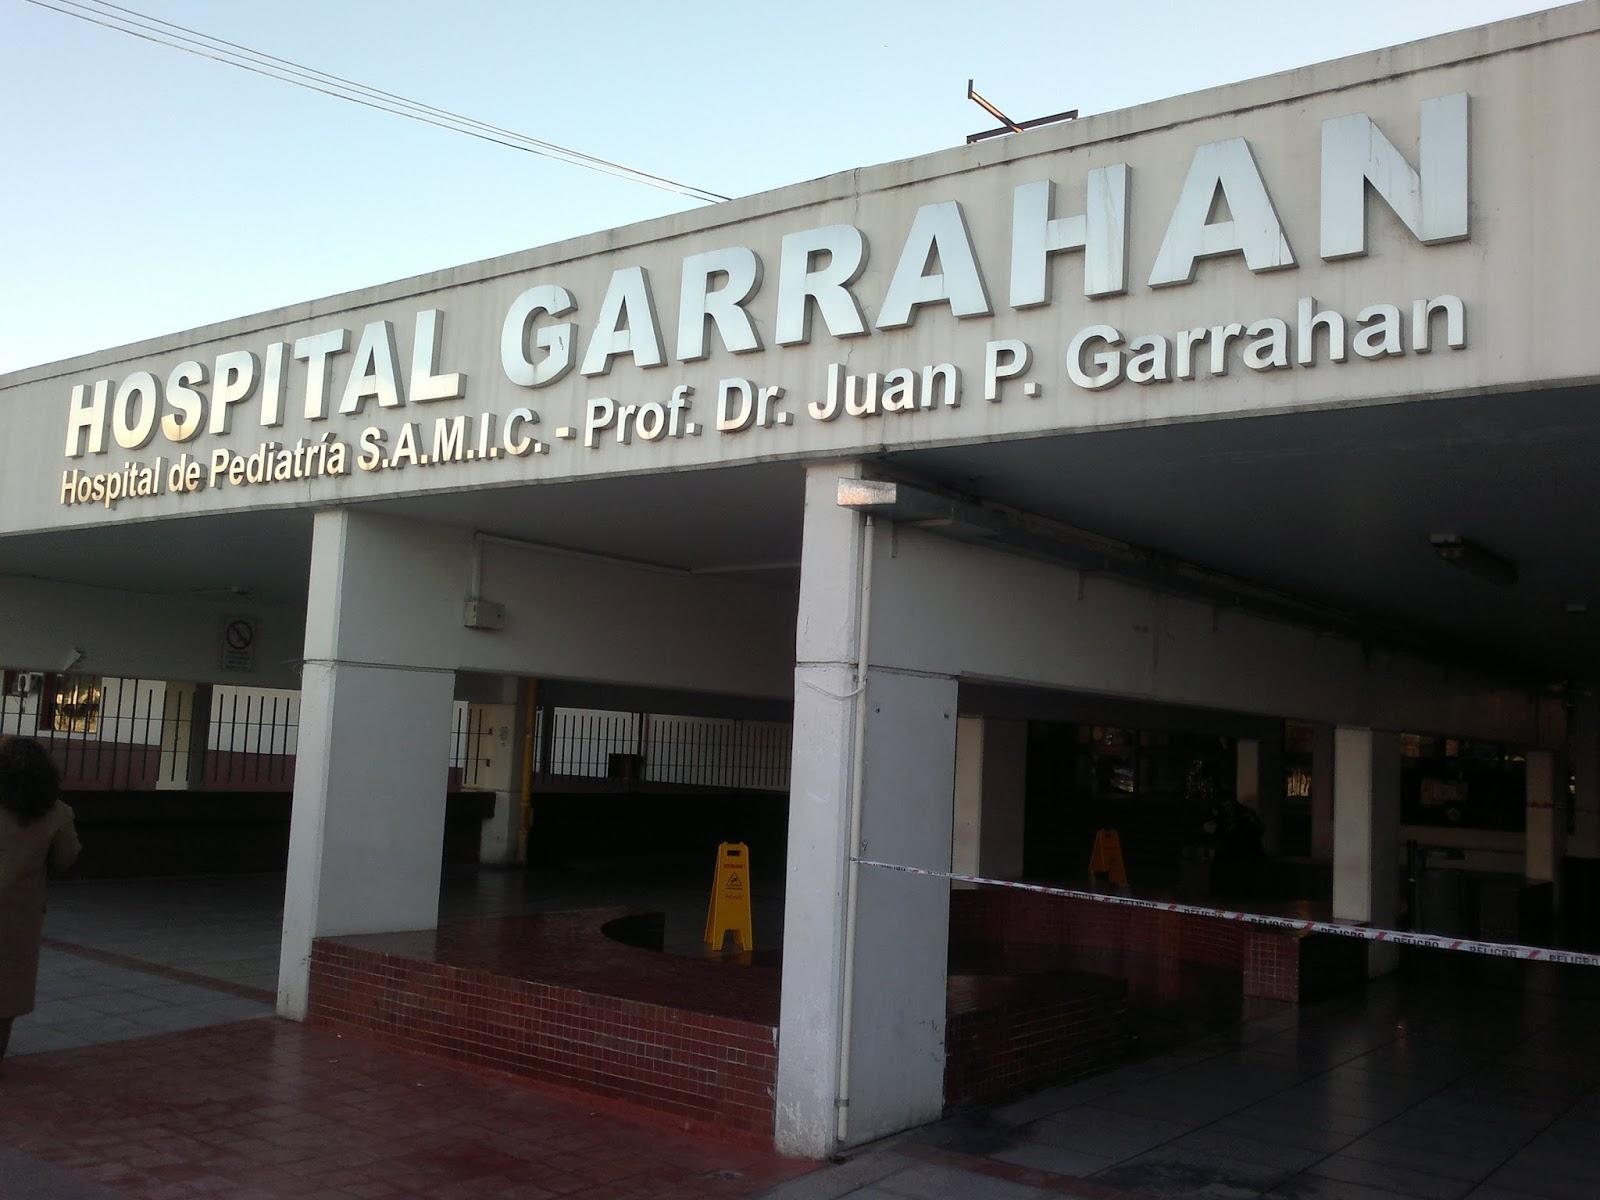 Denuncian ajustes en el Hospital Garrahan